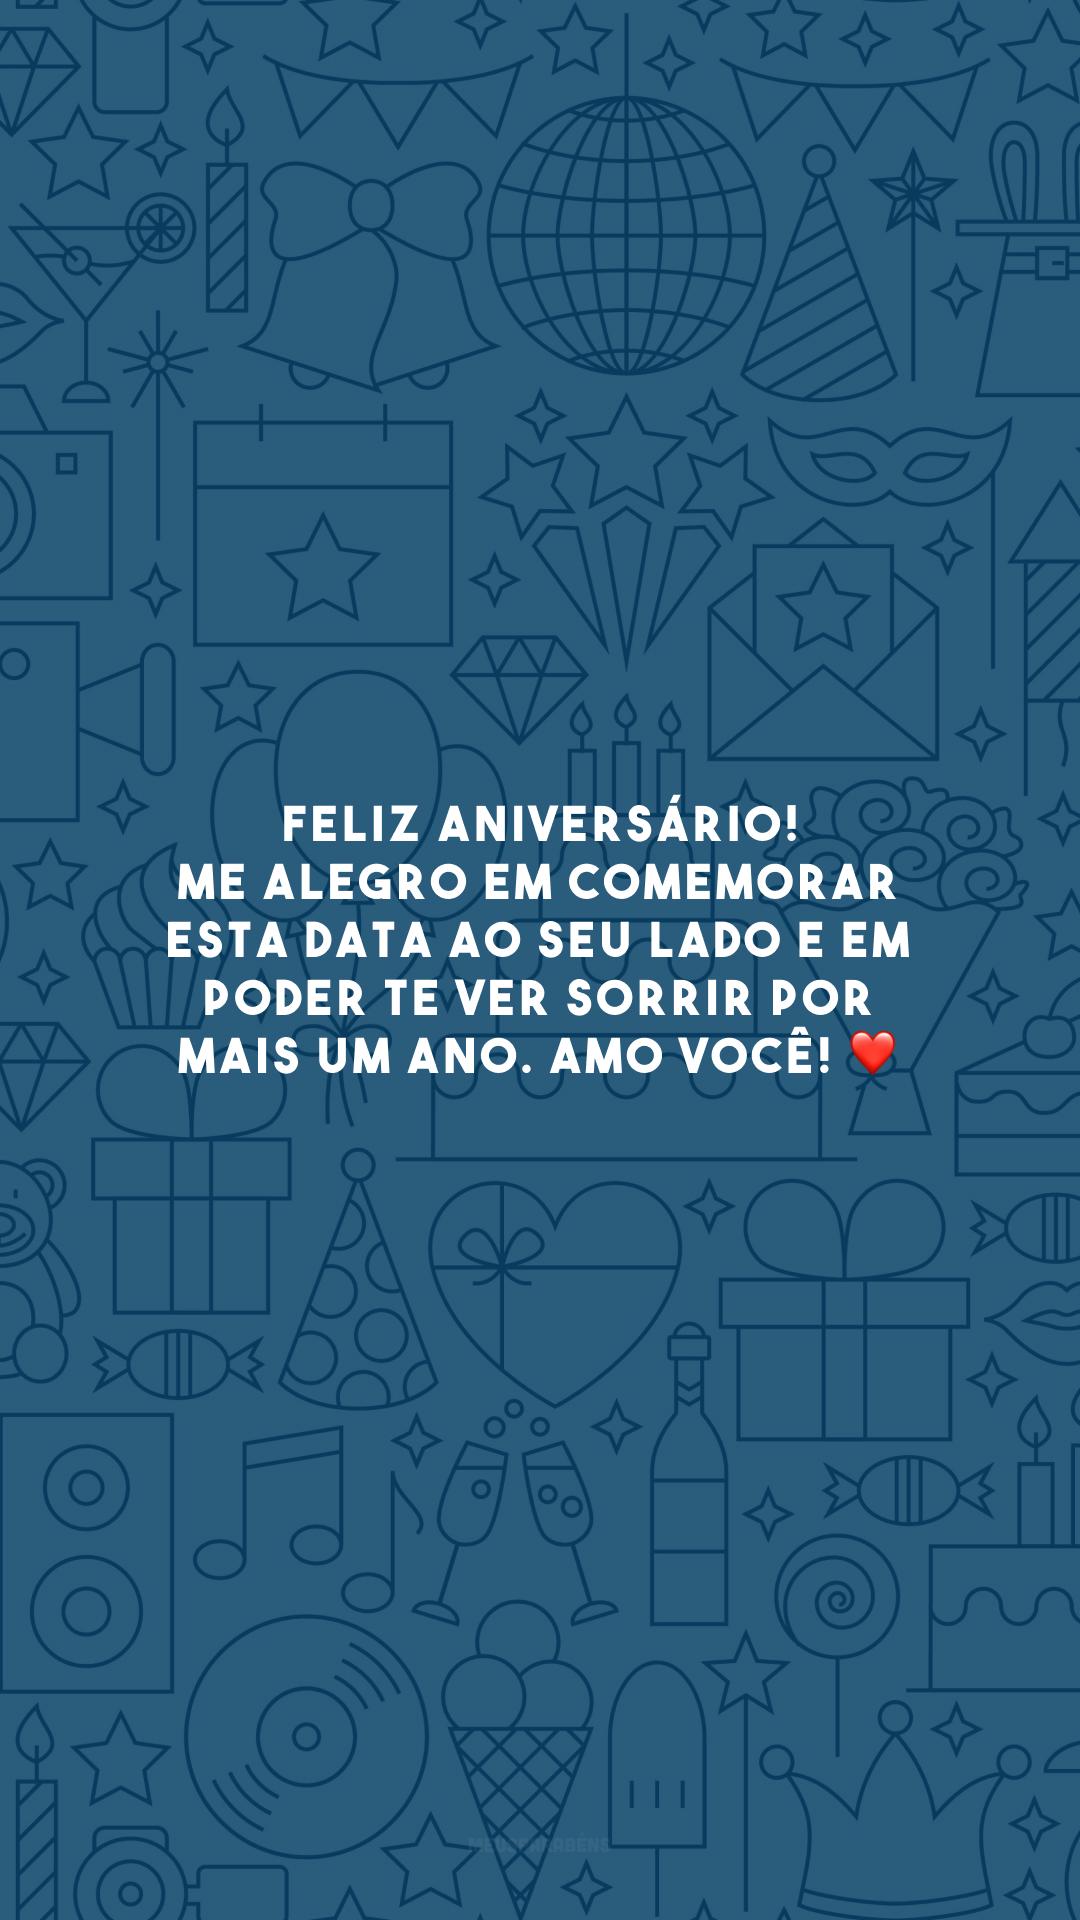 Feliz aniversário! Me alegro em comemorar esta data ao seu lado e em poder te ver sorrir por mais um ano. Amo você! ❤️